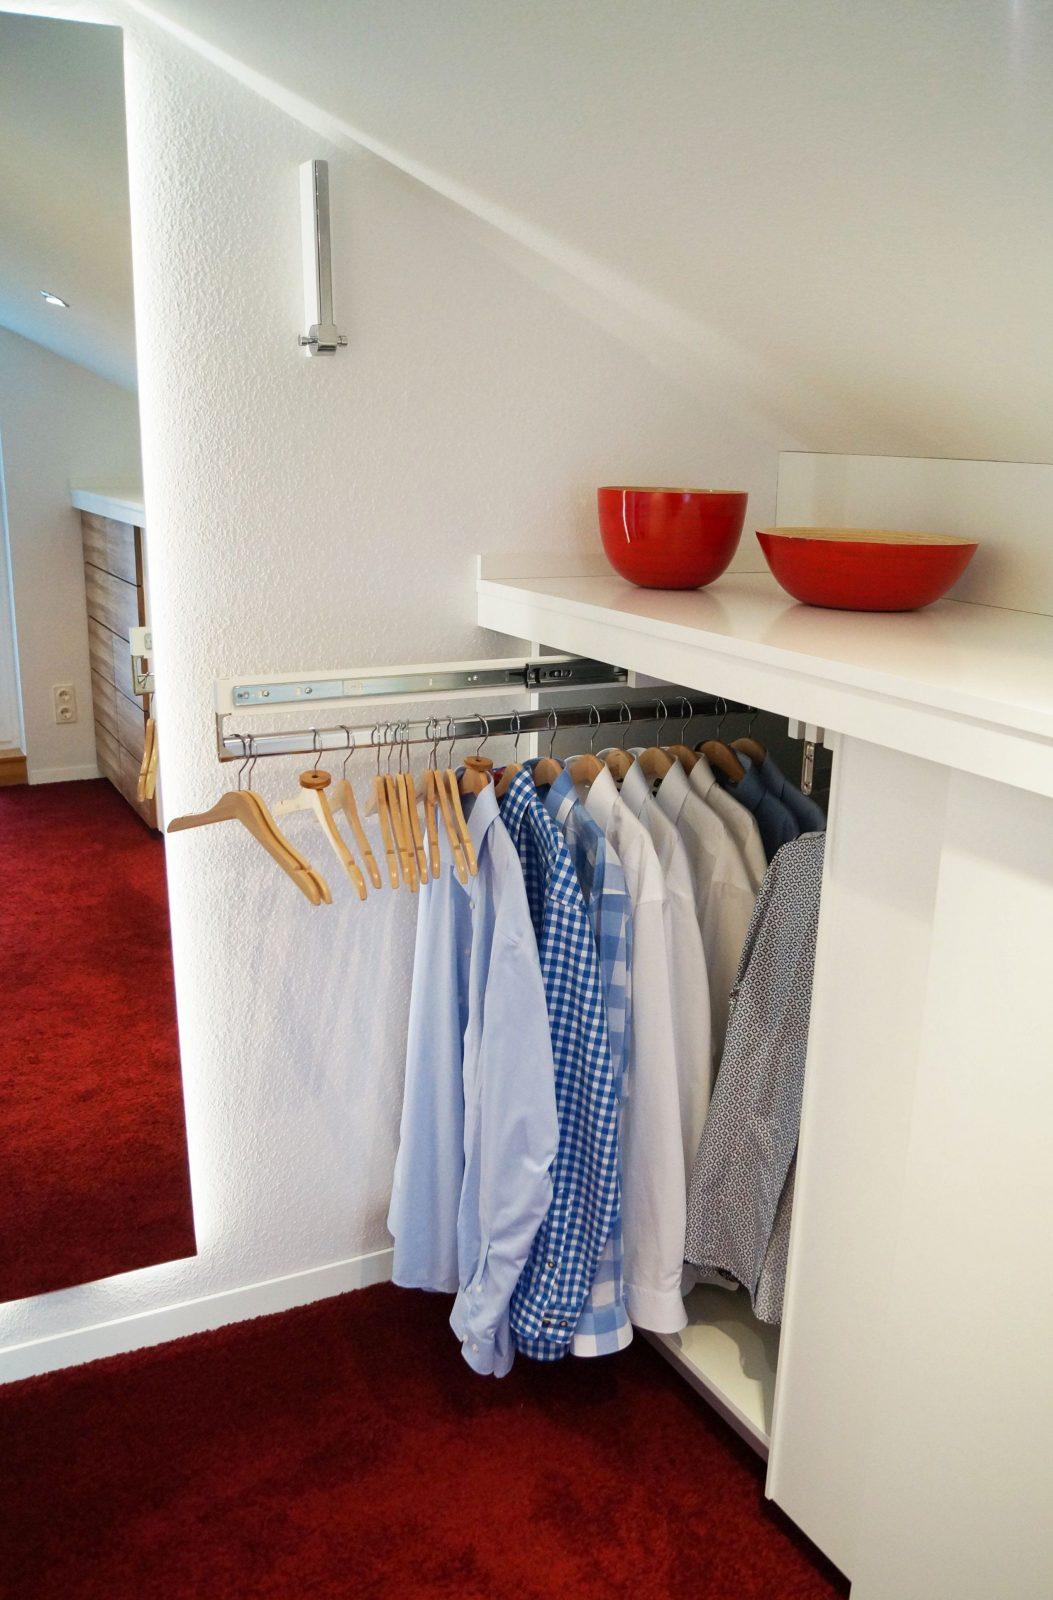 Begehbarer Kleiderschrank Begehbarer Kleiderschrank Dachschräge von Ideen Begehbarer Kleiderschrank Dachschräge Bild